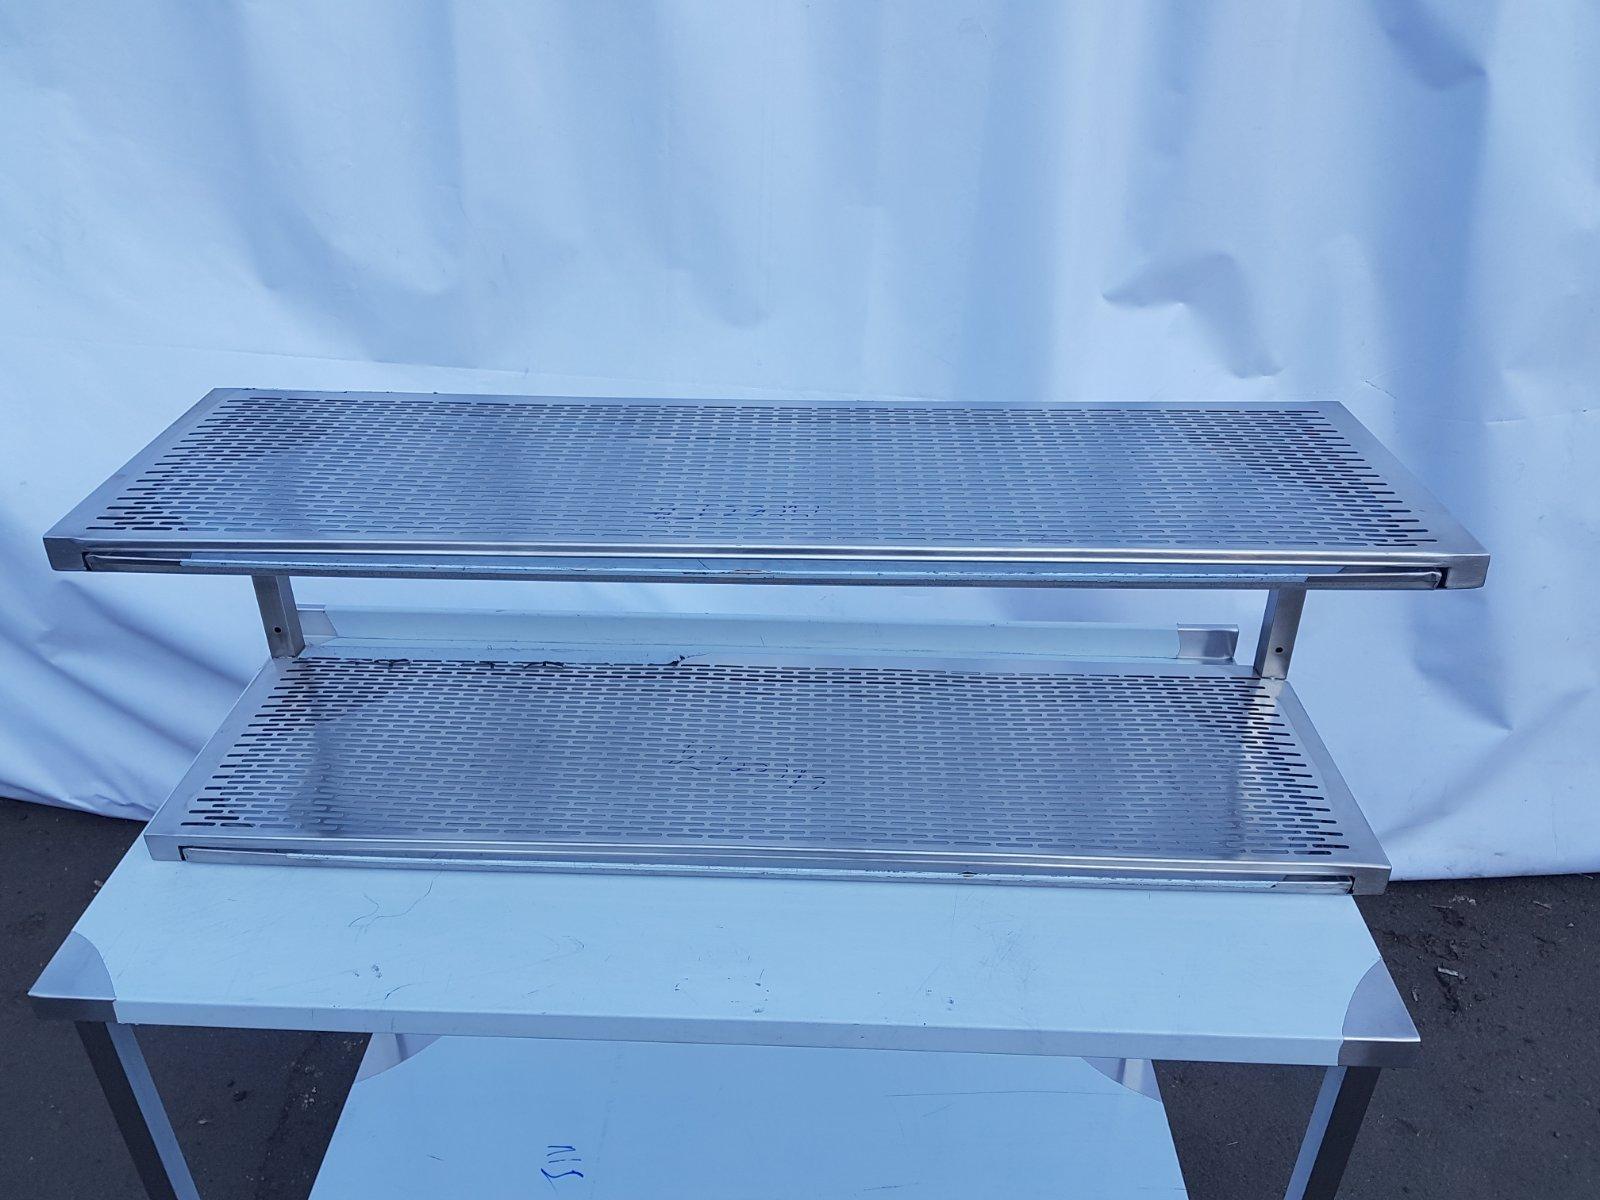 Полка для сушки посуды открытая (800 x 300 x 350) - фотография №3